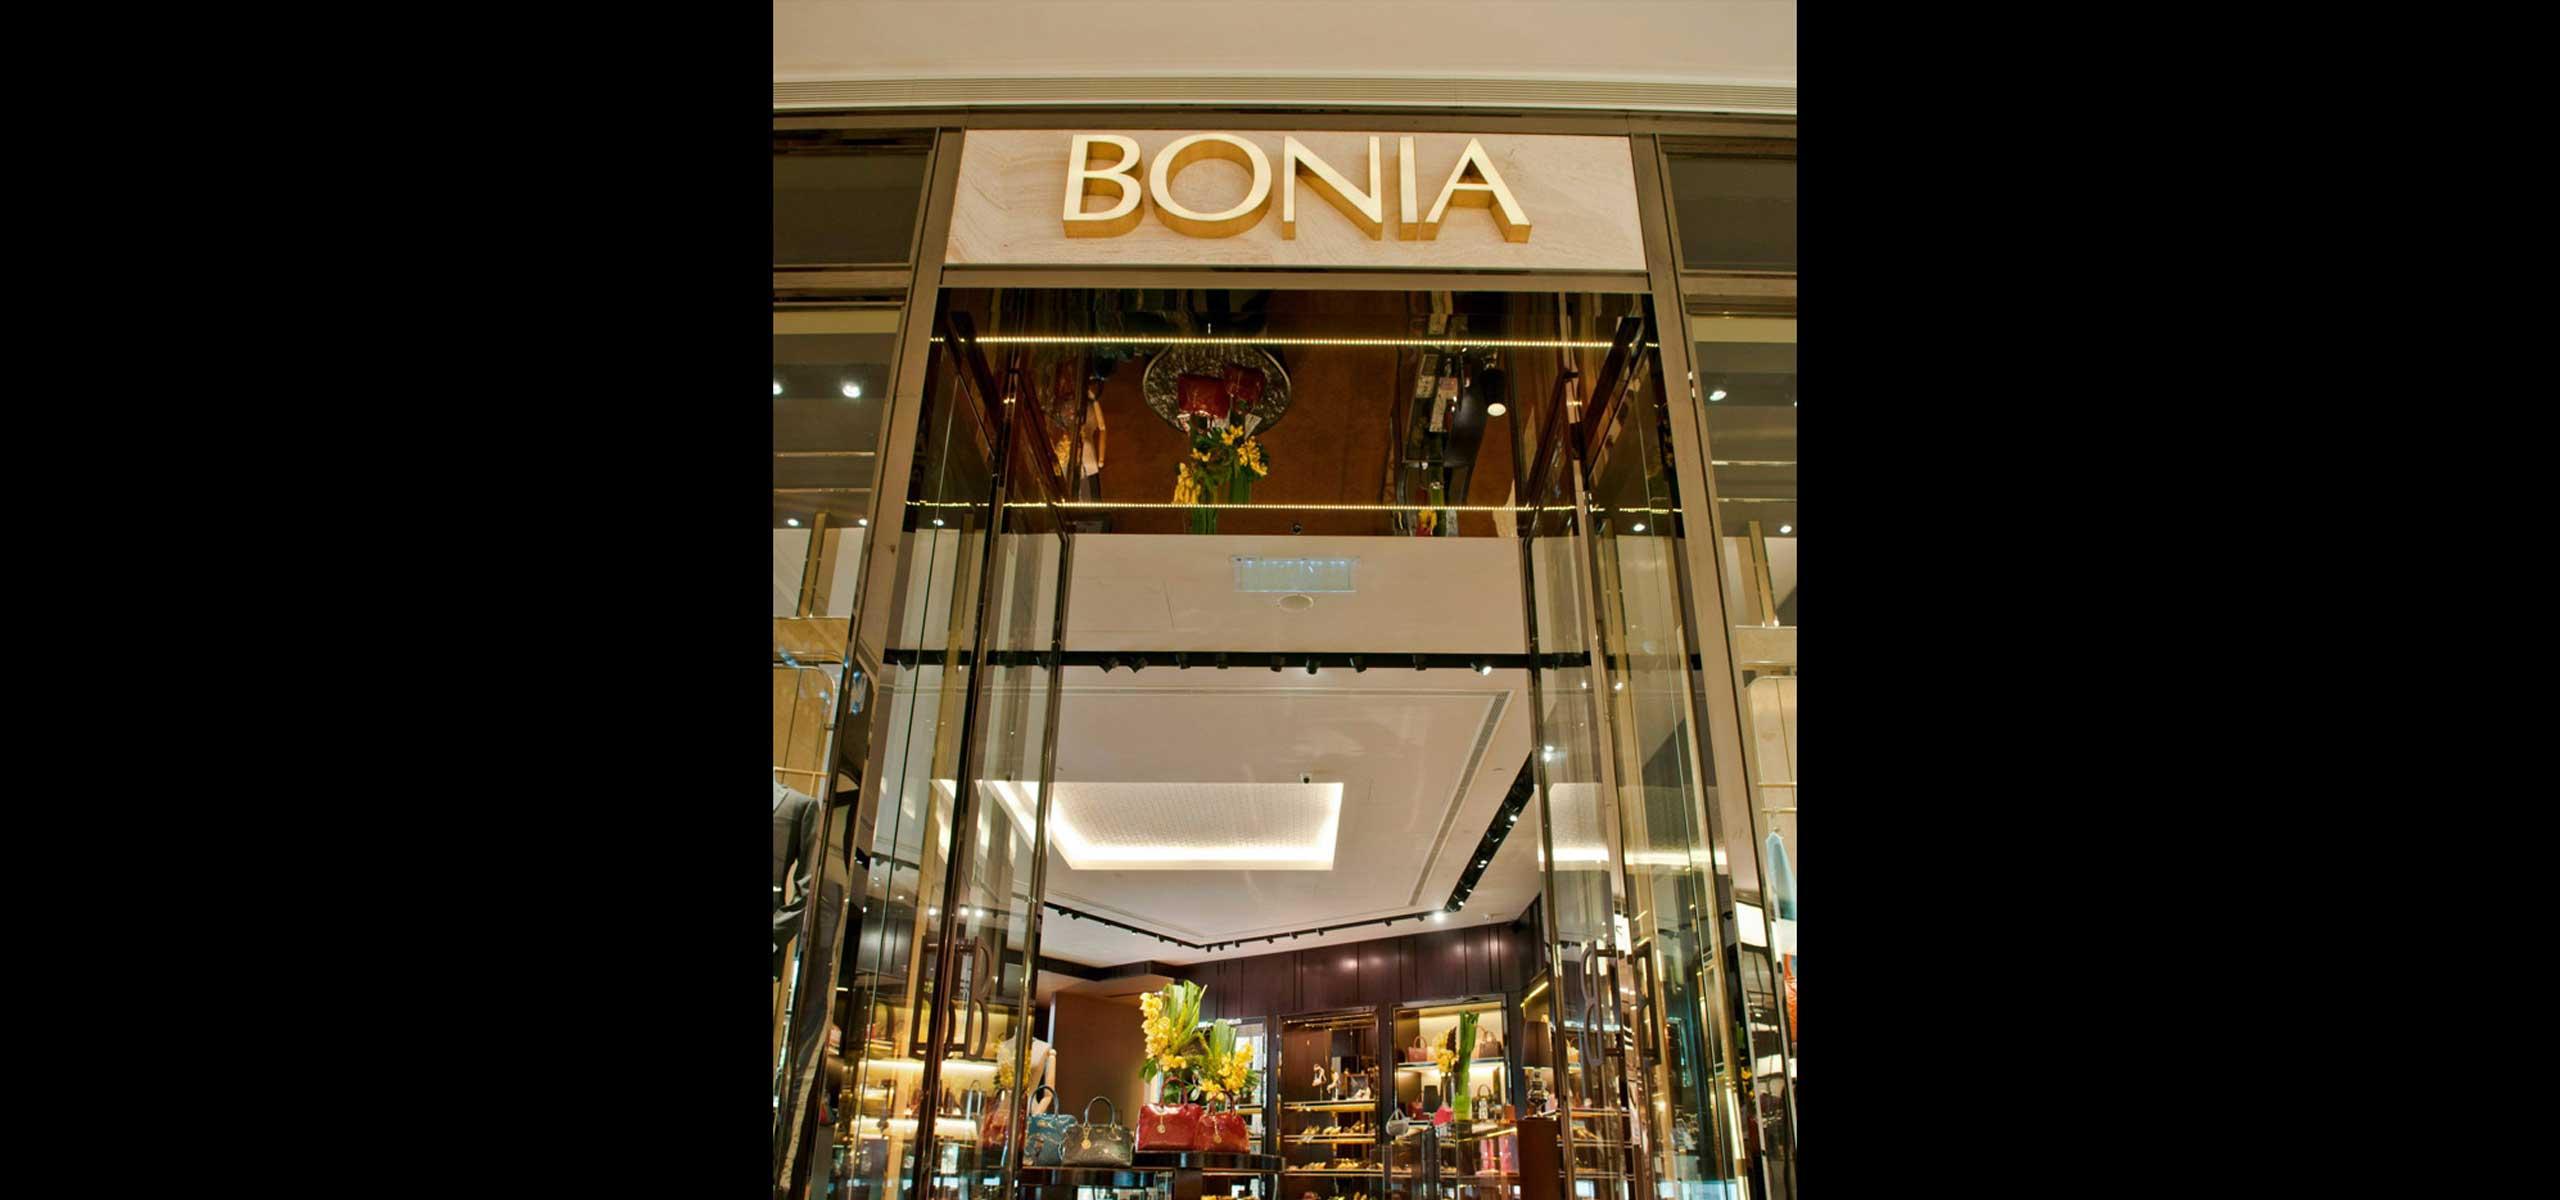 150709_bonia_flagship_pav_03